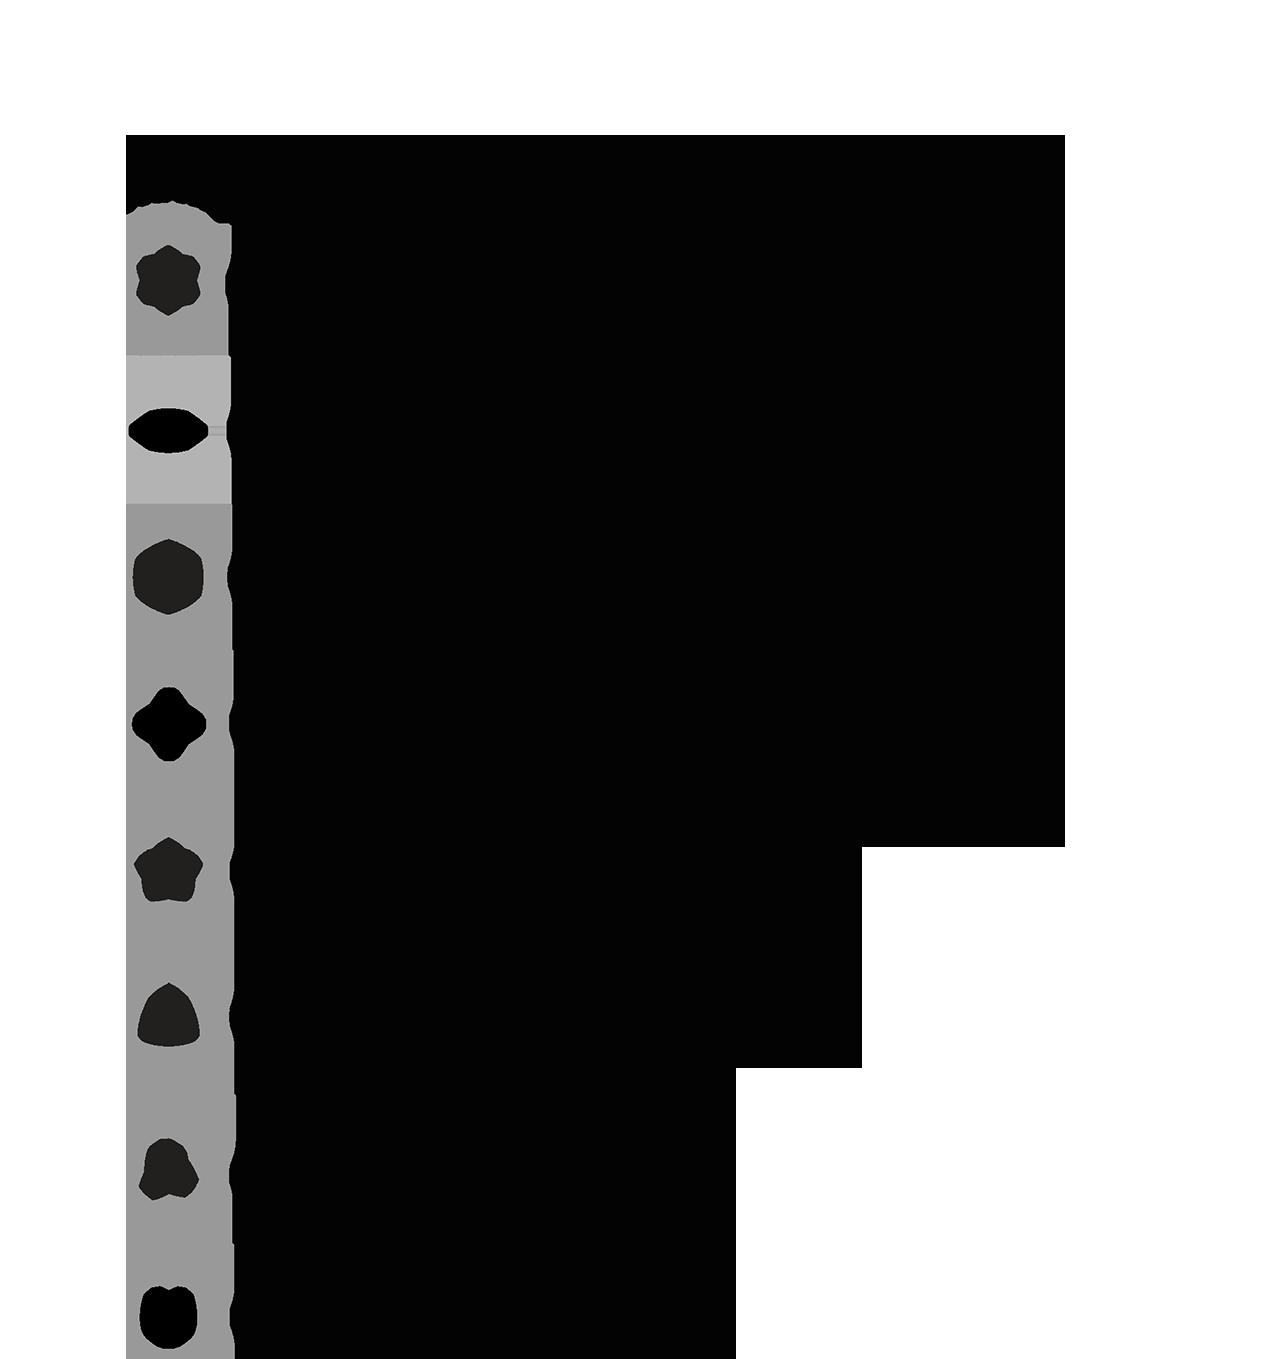 Kit Jogo de Chave de Precisão, 31 Peças - TE-6036A